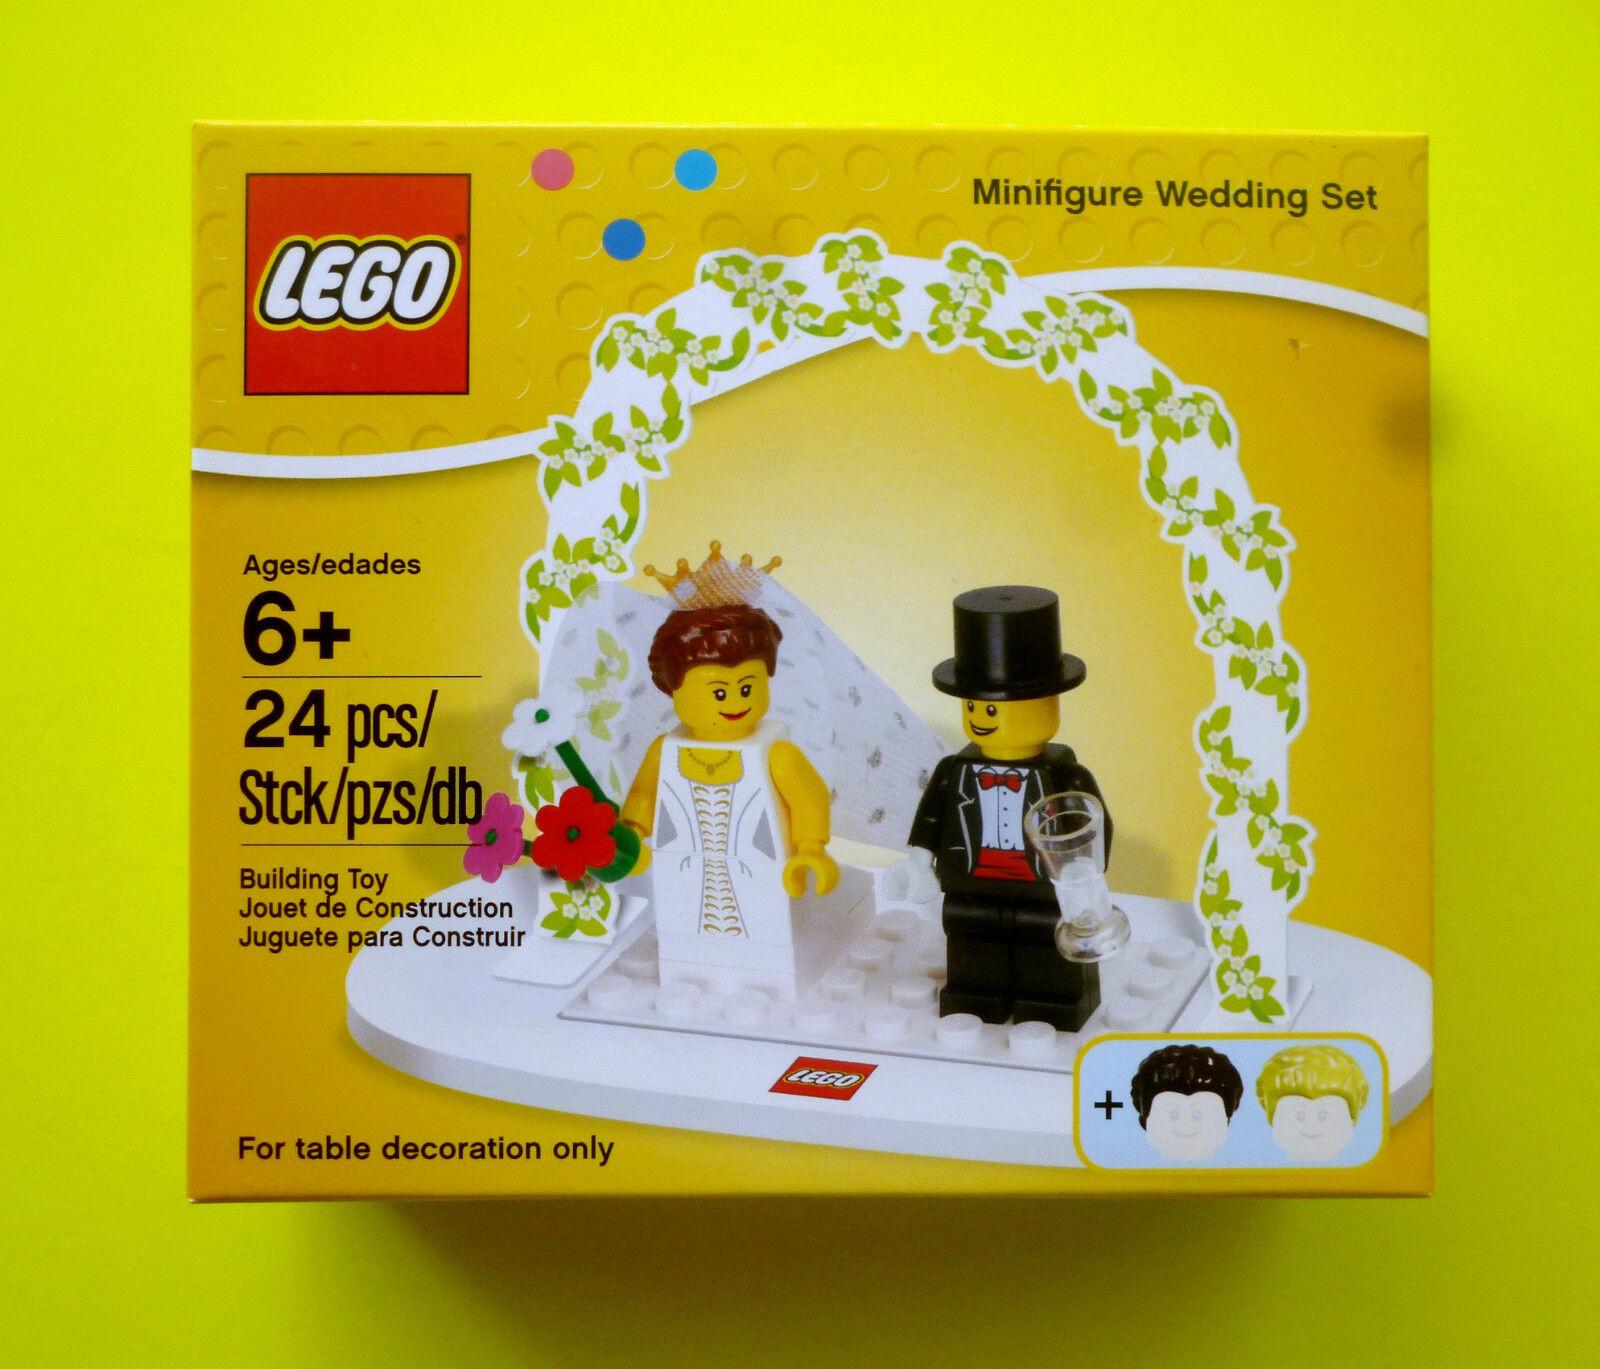 Lego exclusivement 853340 couple heureux mariés mariage wedding Set Nouveau neuf dans sa boîte